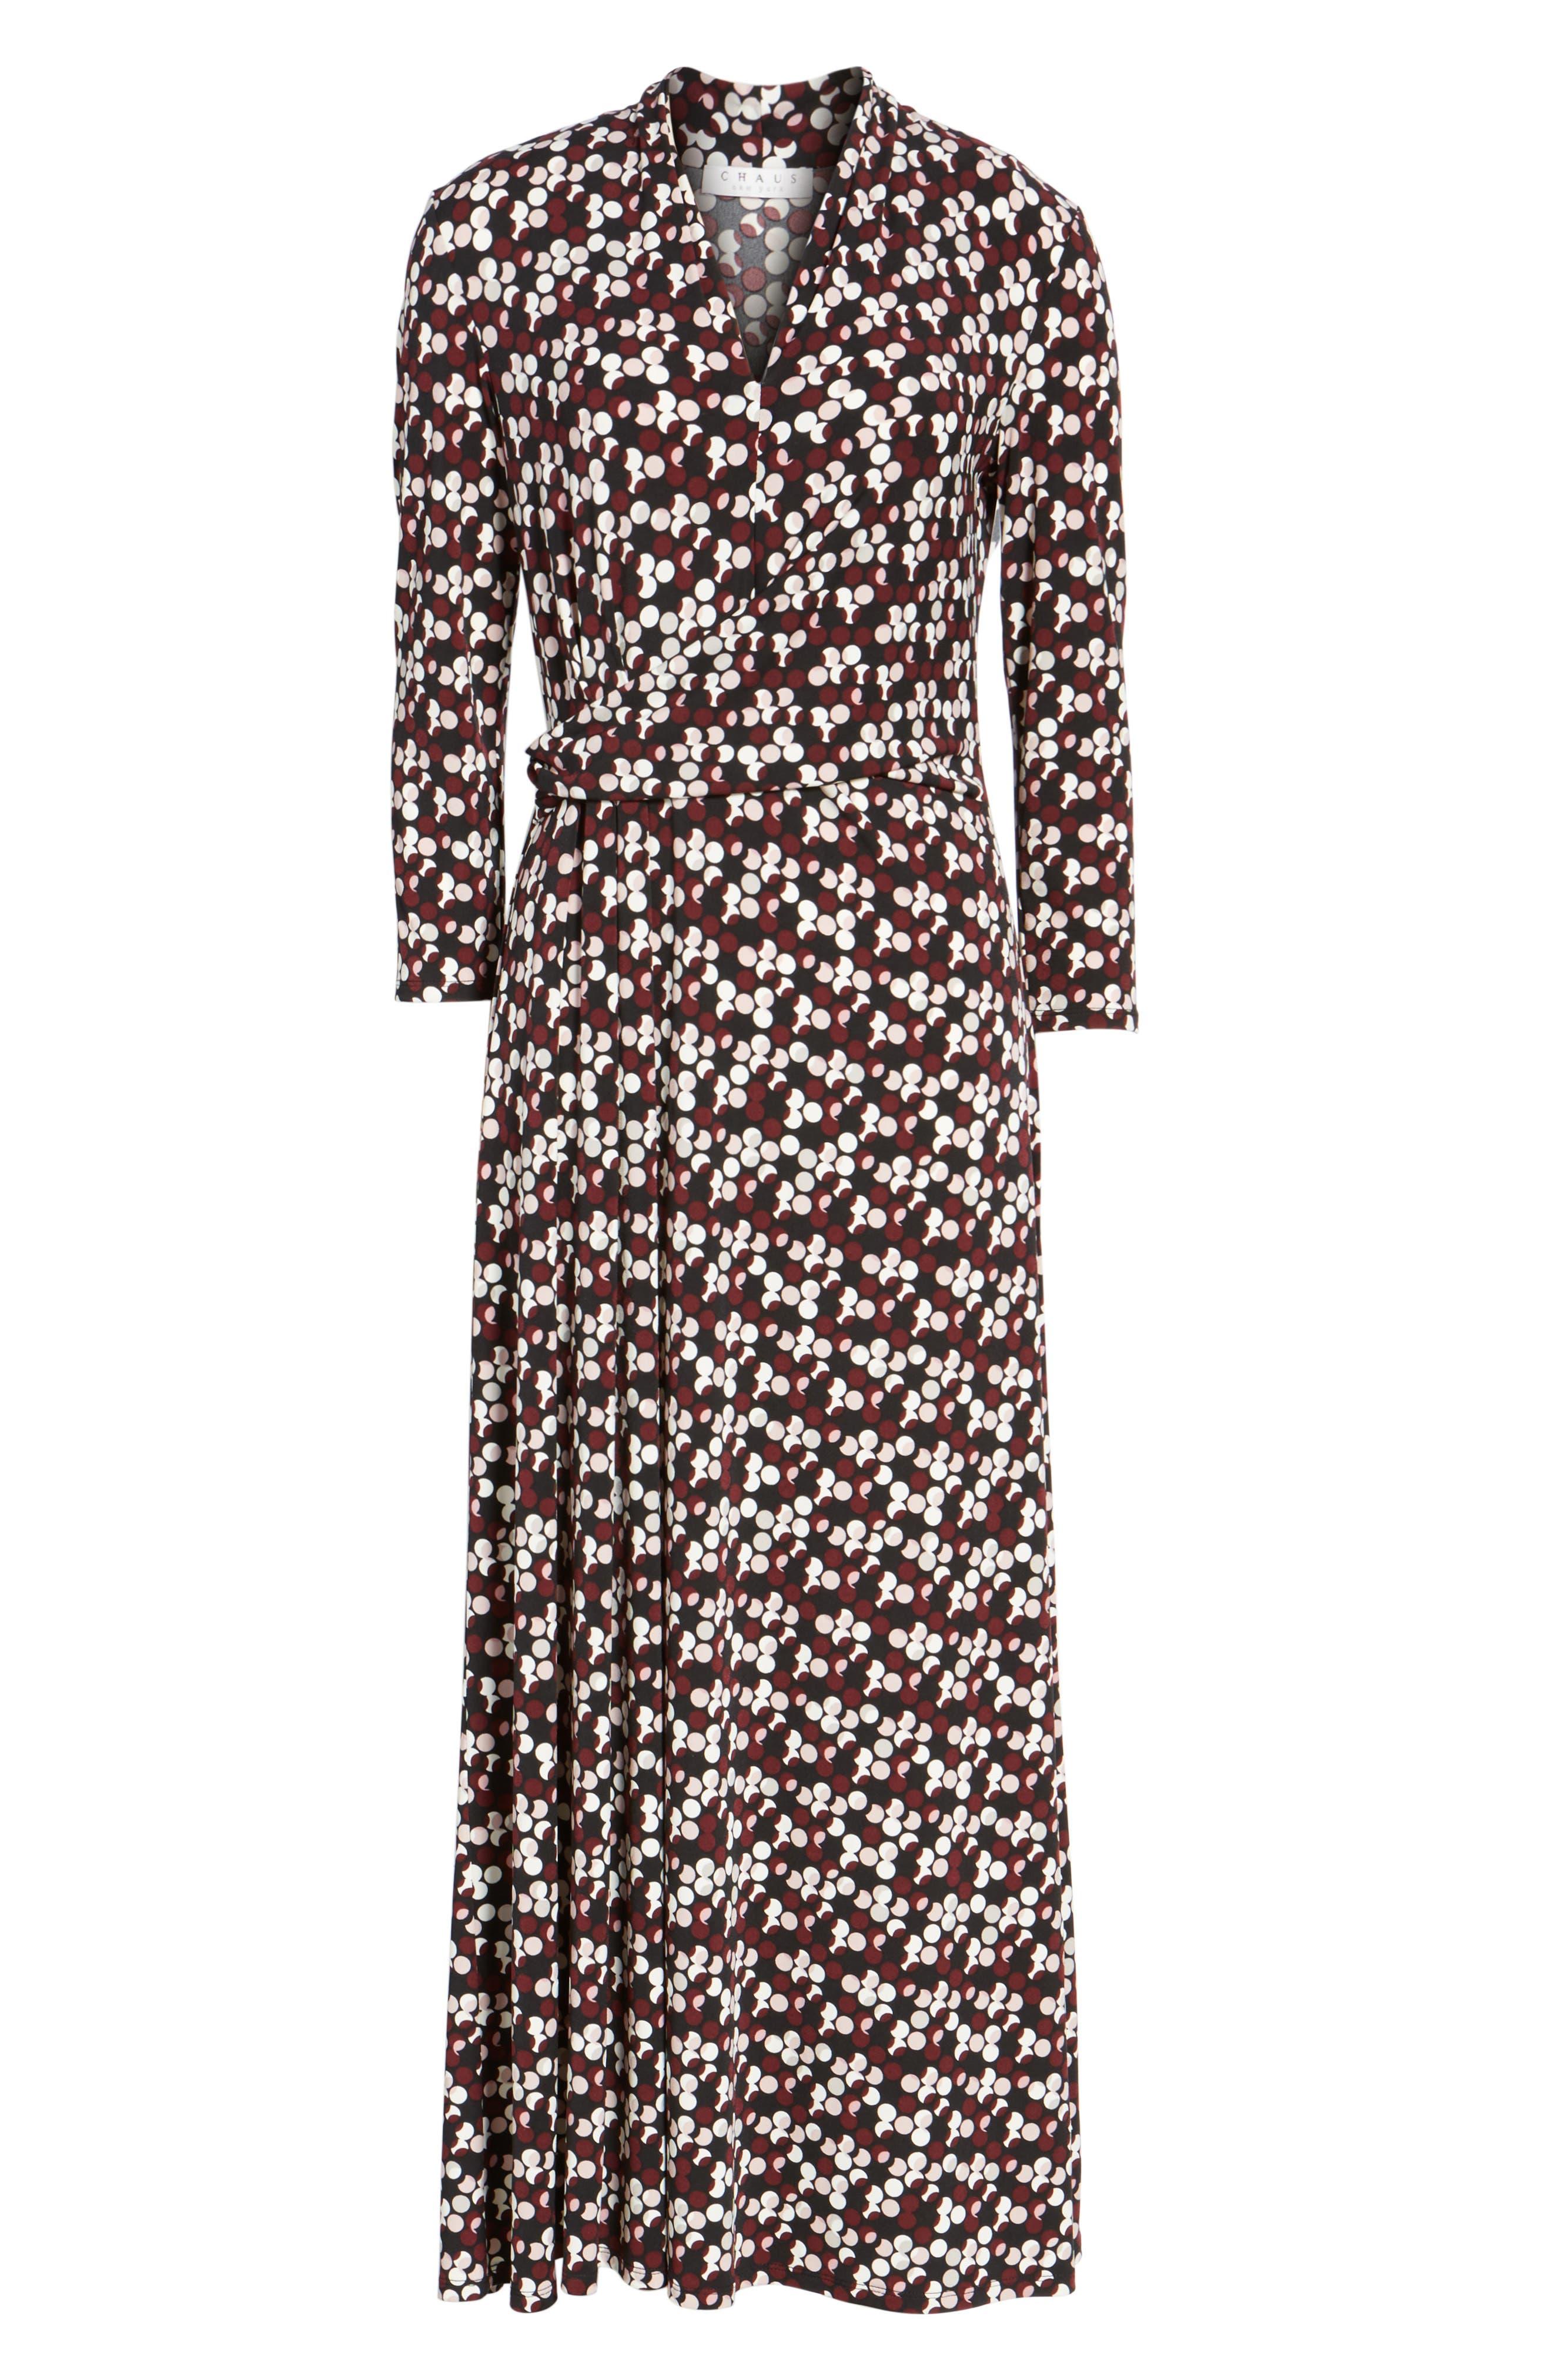 Dot Print Midi Dress,                             Alternate thumbnail 6, color,                             006